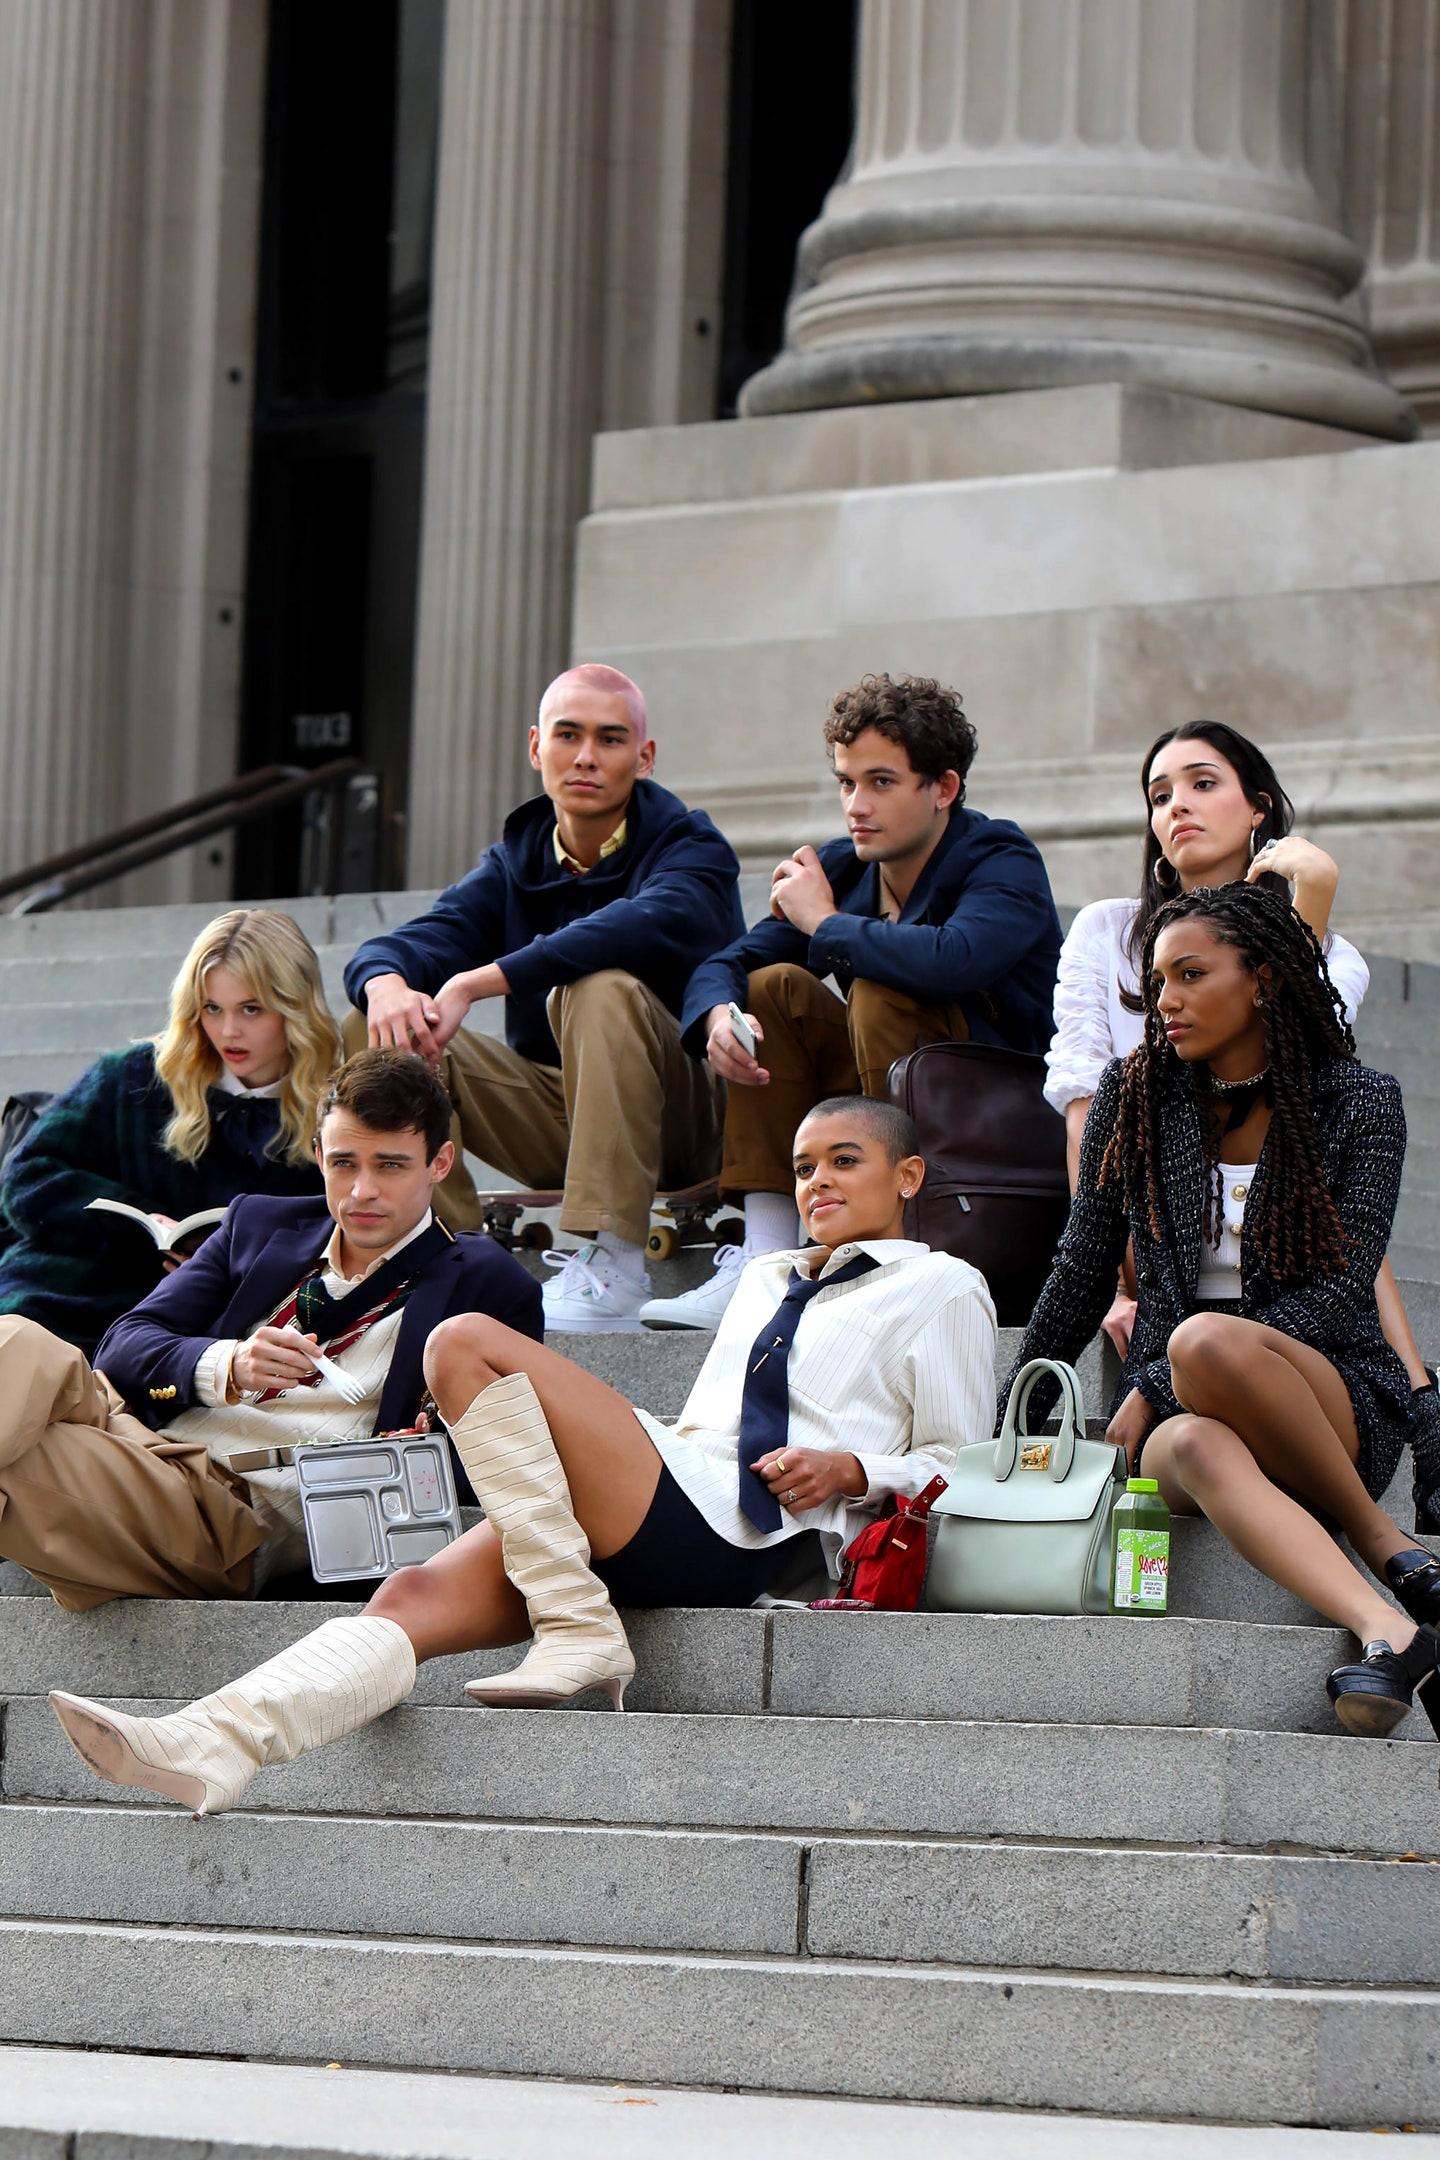 El reboot de 'Gossip Girl' ya es una realidad: aquí las primeras imágenes